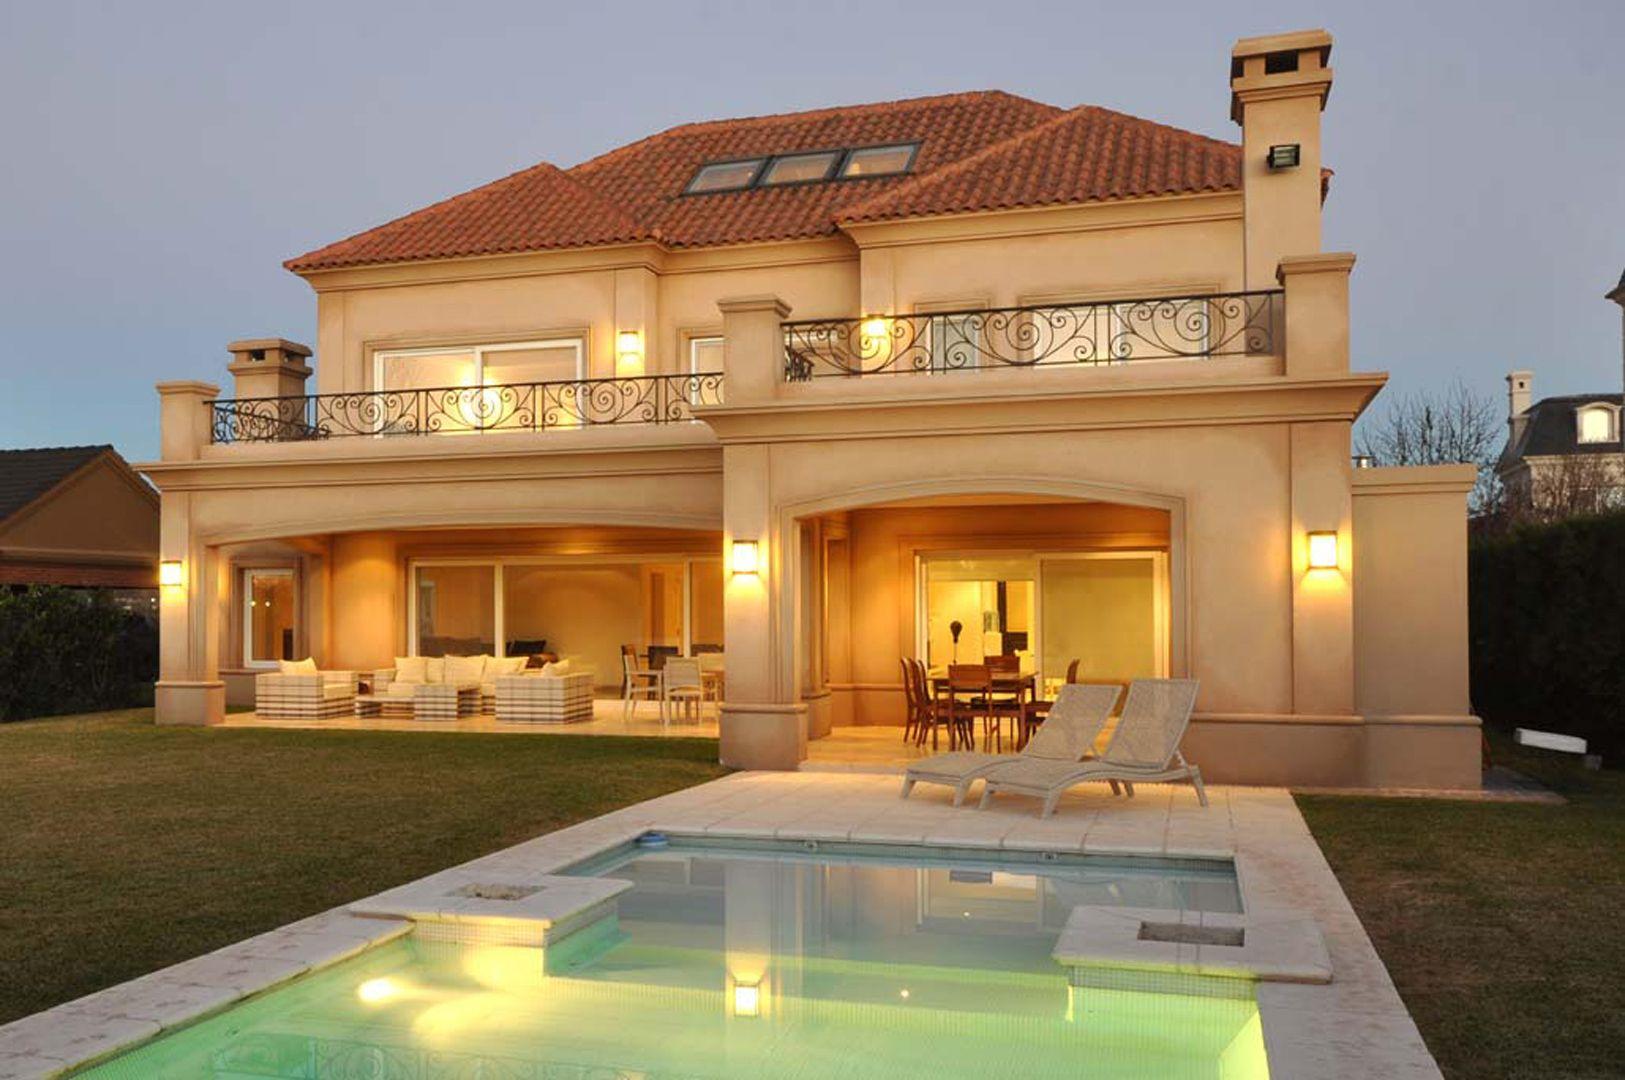 Fern ndez borda arquitectura fachada casas for Fachadas de casas estilo clasico